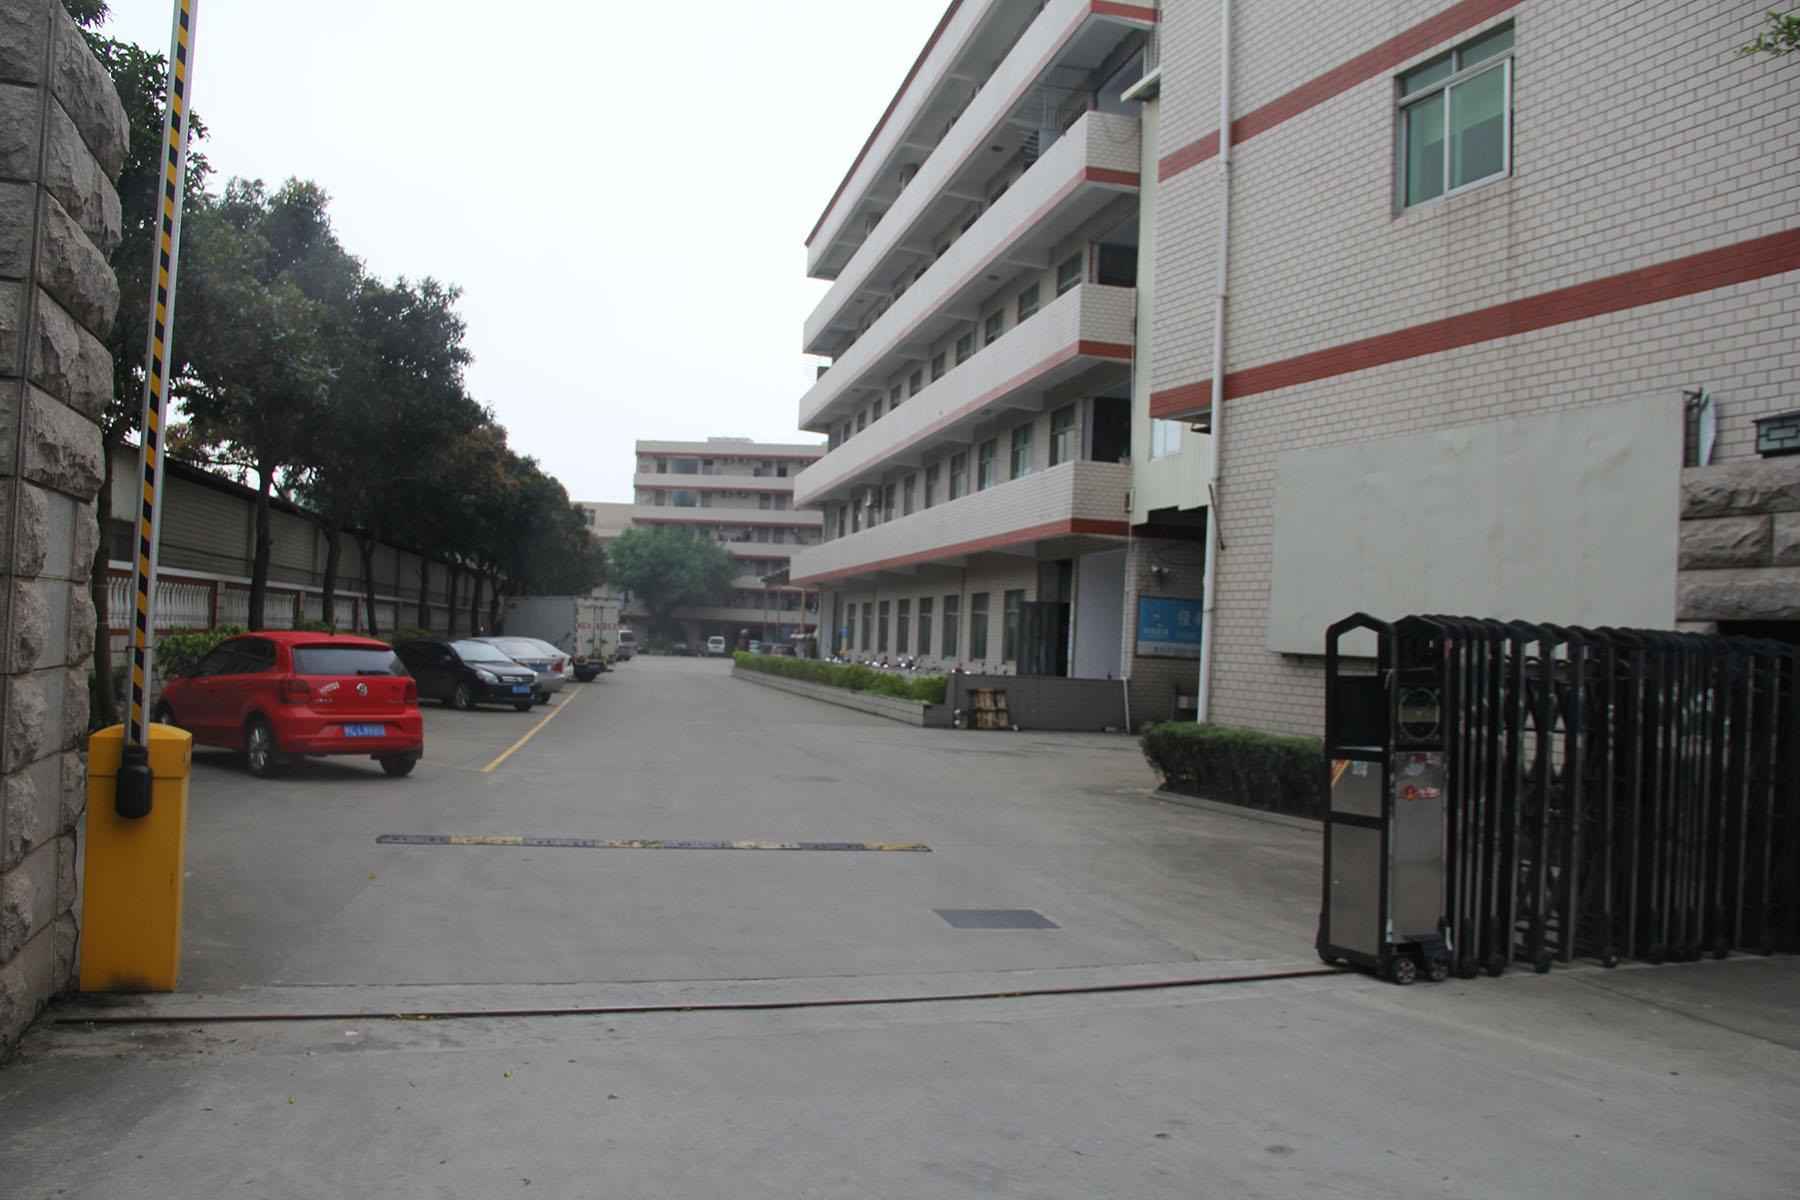 Factory outside